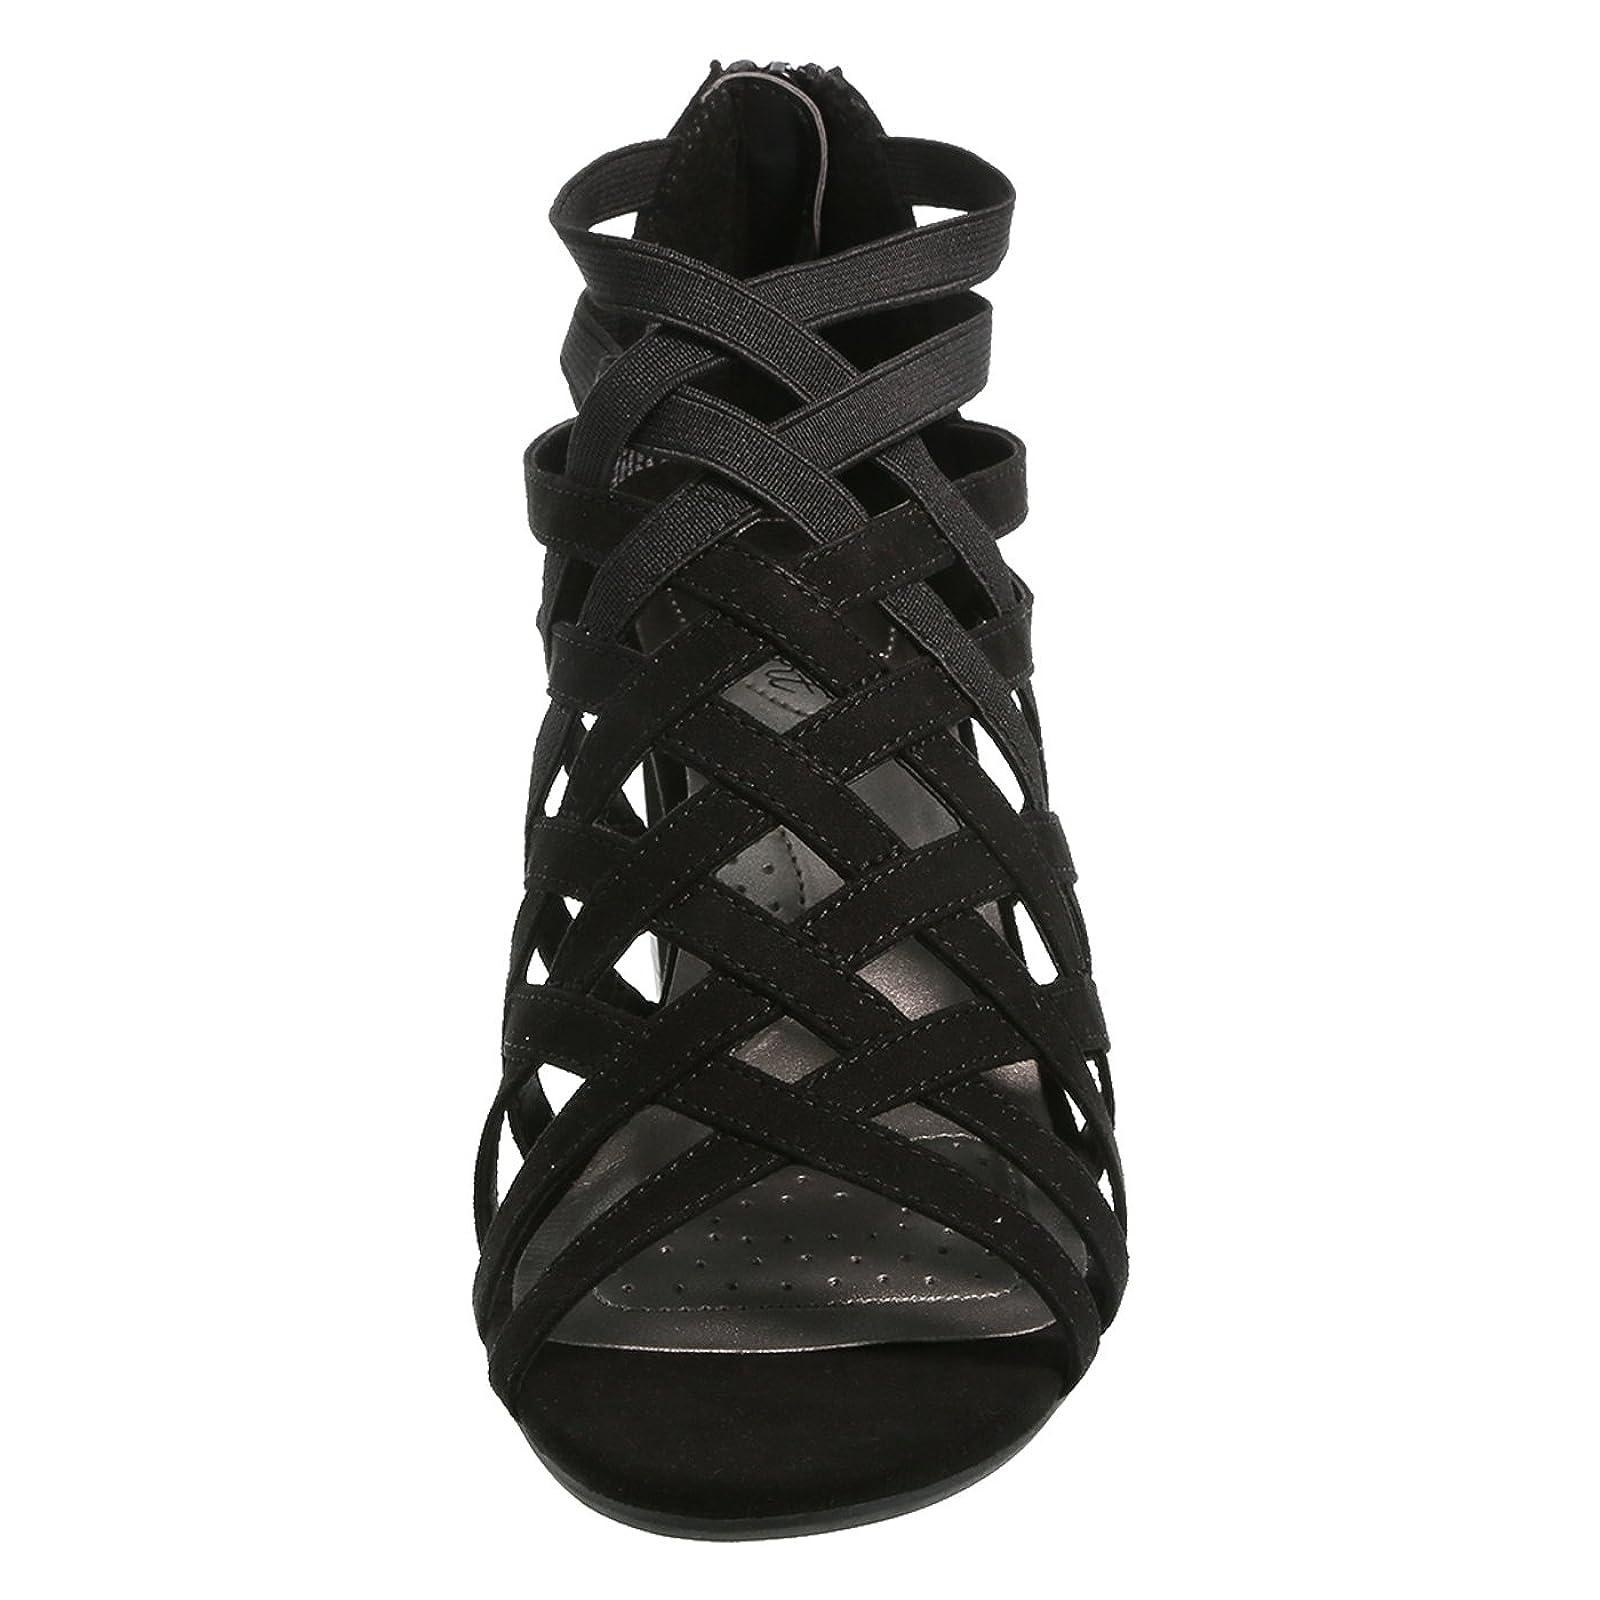 dexflex Comfort Women's Trista Caged-Heel Sandal Varies - 3